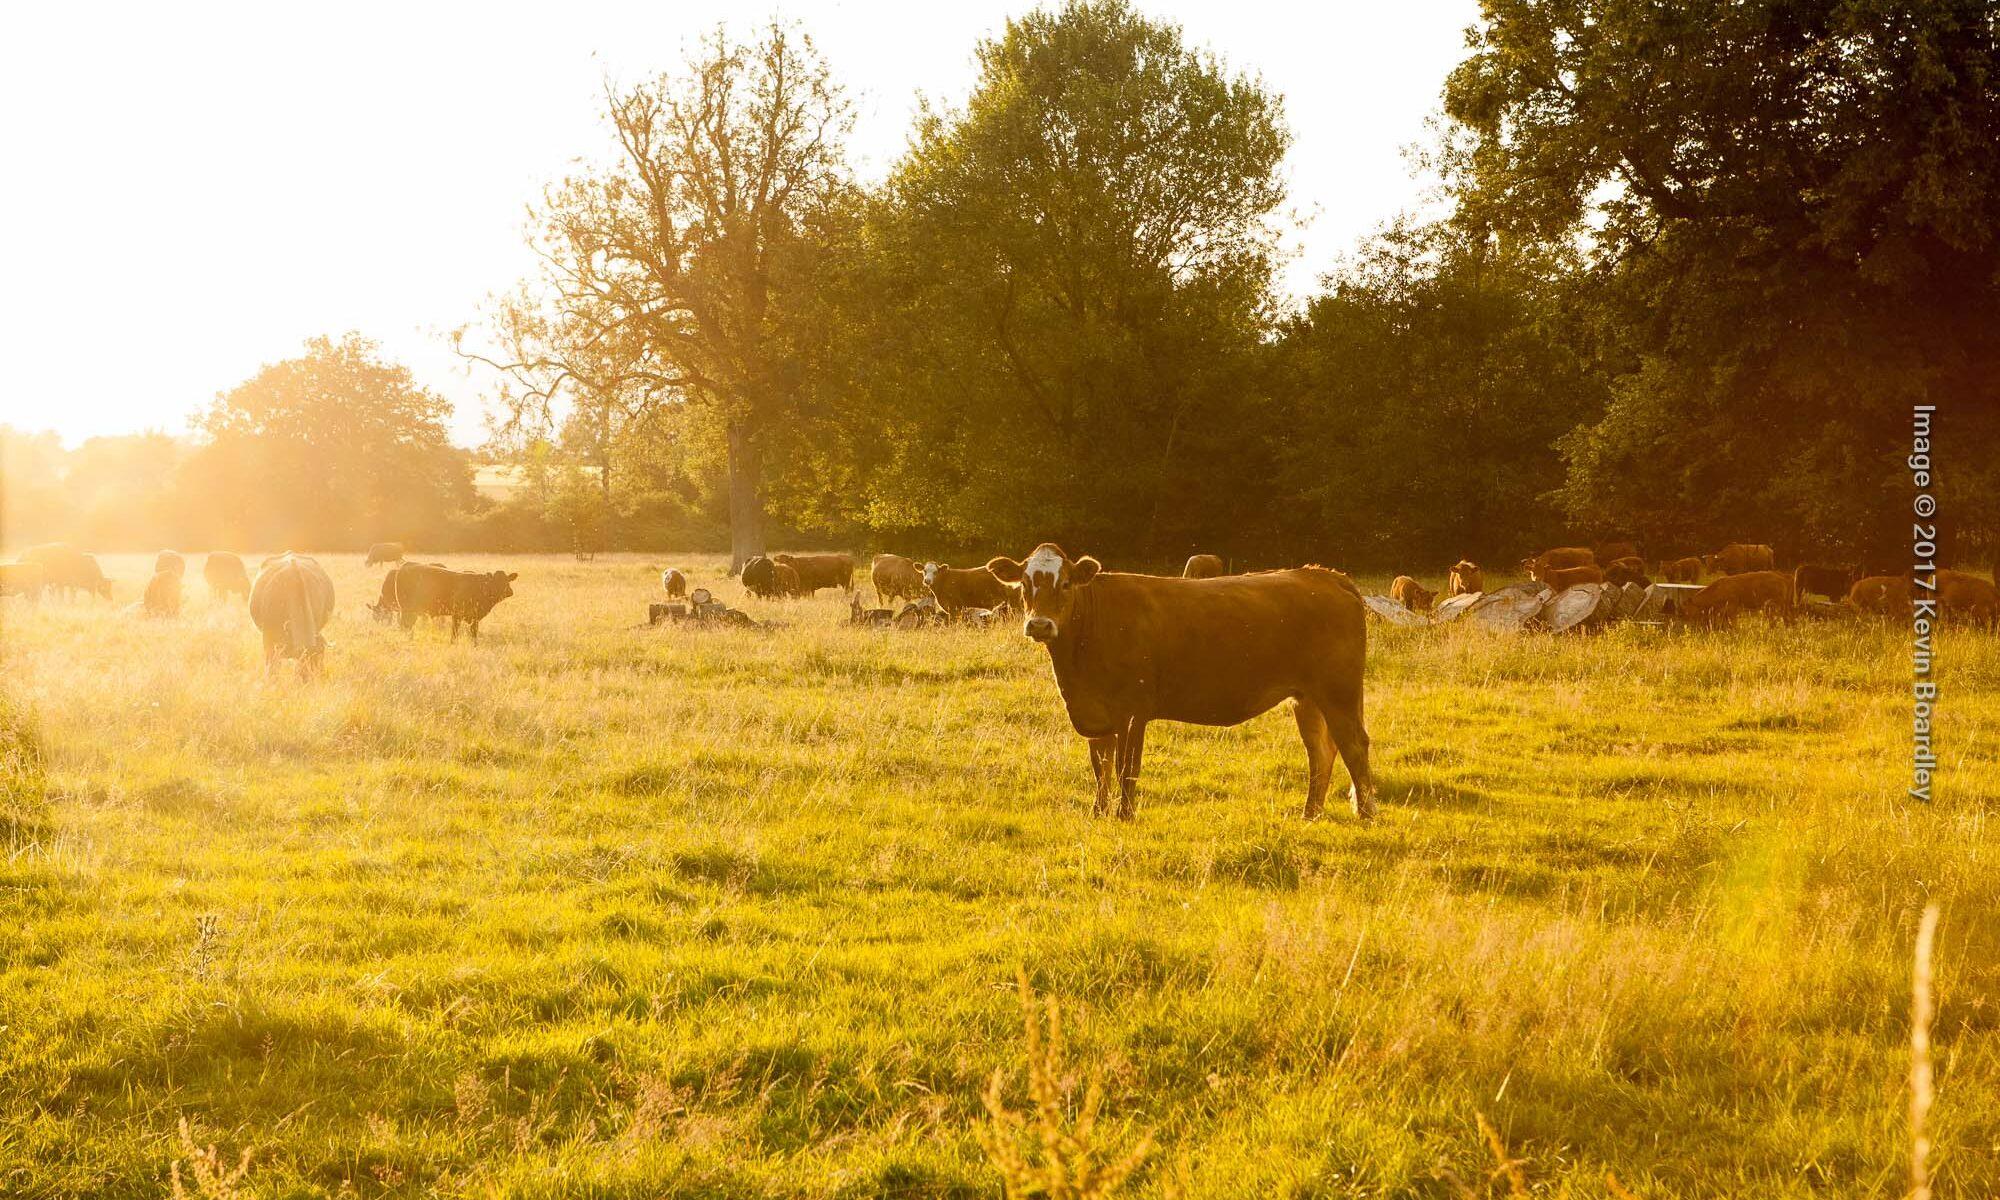 Cow against a hazy summer evening sky